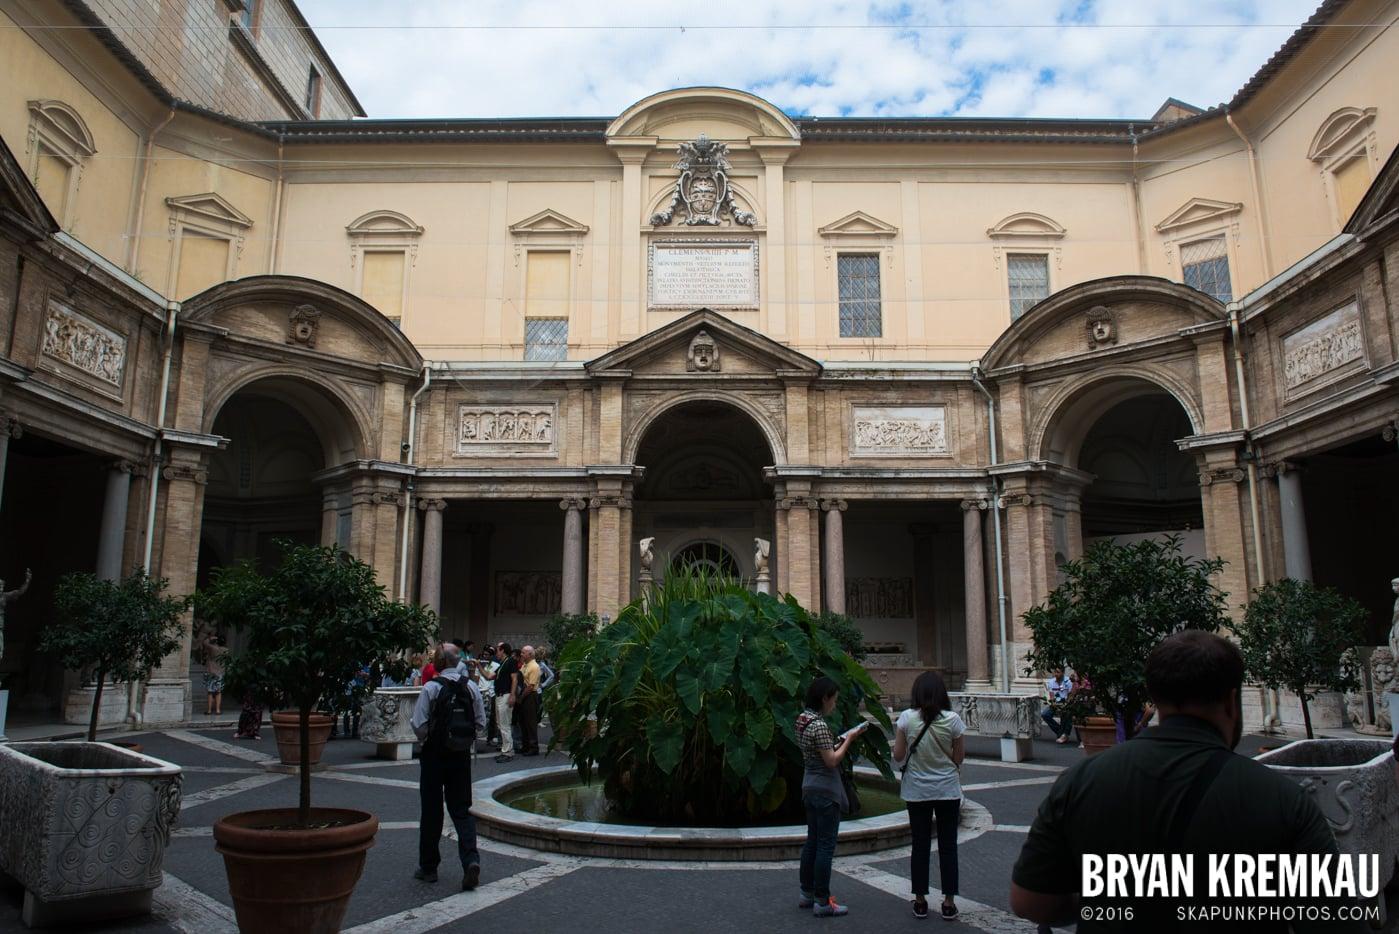 Italy Vacation - Day 3: Rome - 9.11.13 (55)